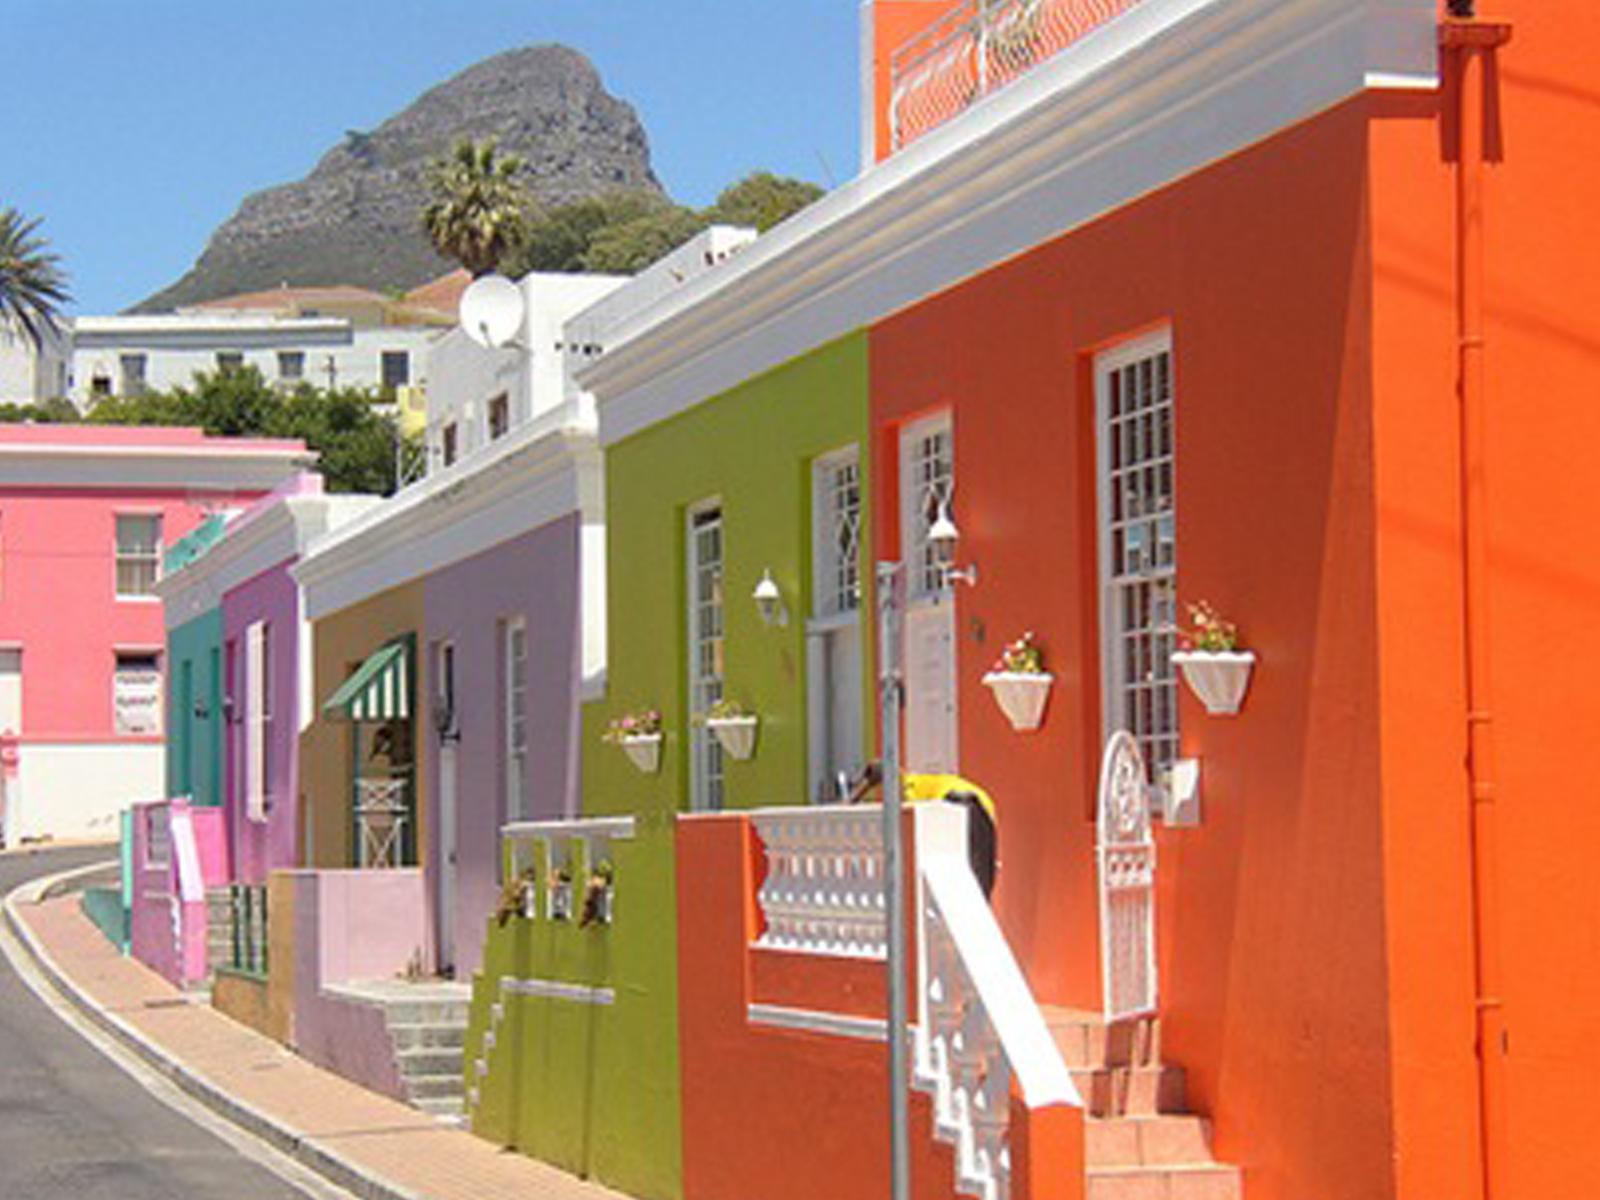 Pinturas de exterior framar pinturas - Pinturas para casas exteriores ...